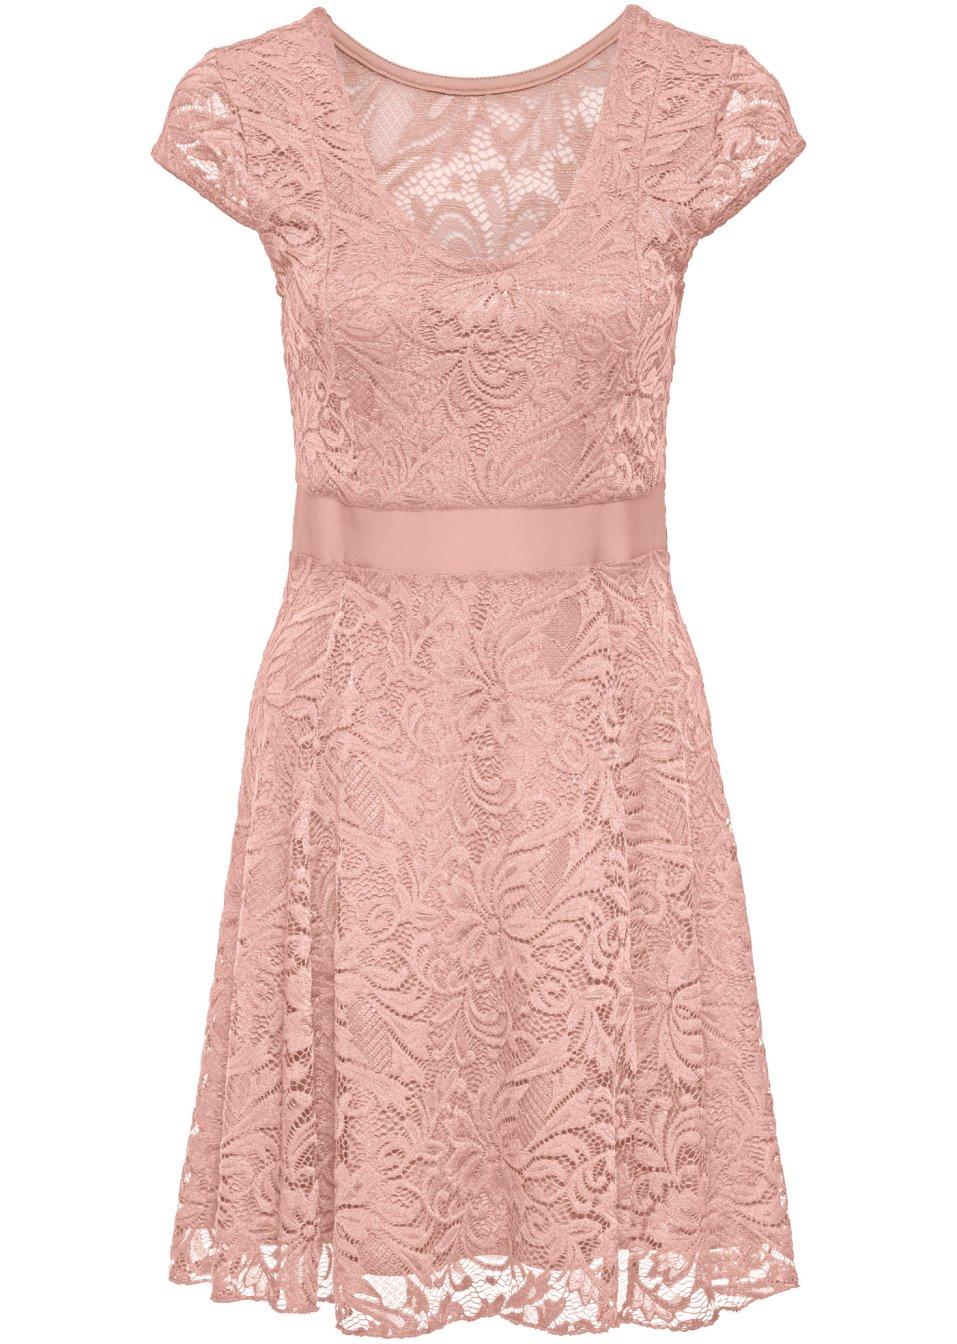 Abendkleider in rosa - elegant für feierliche Anlässe